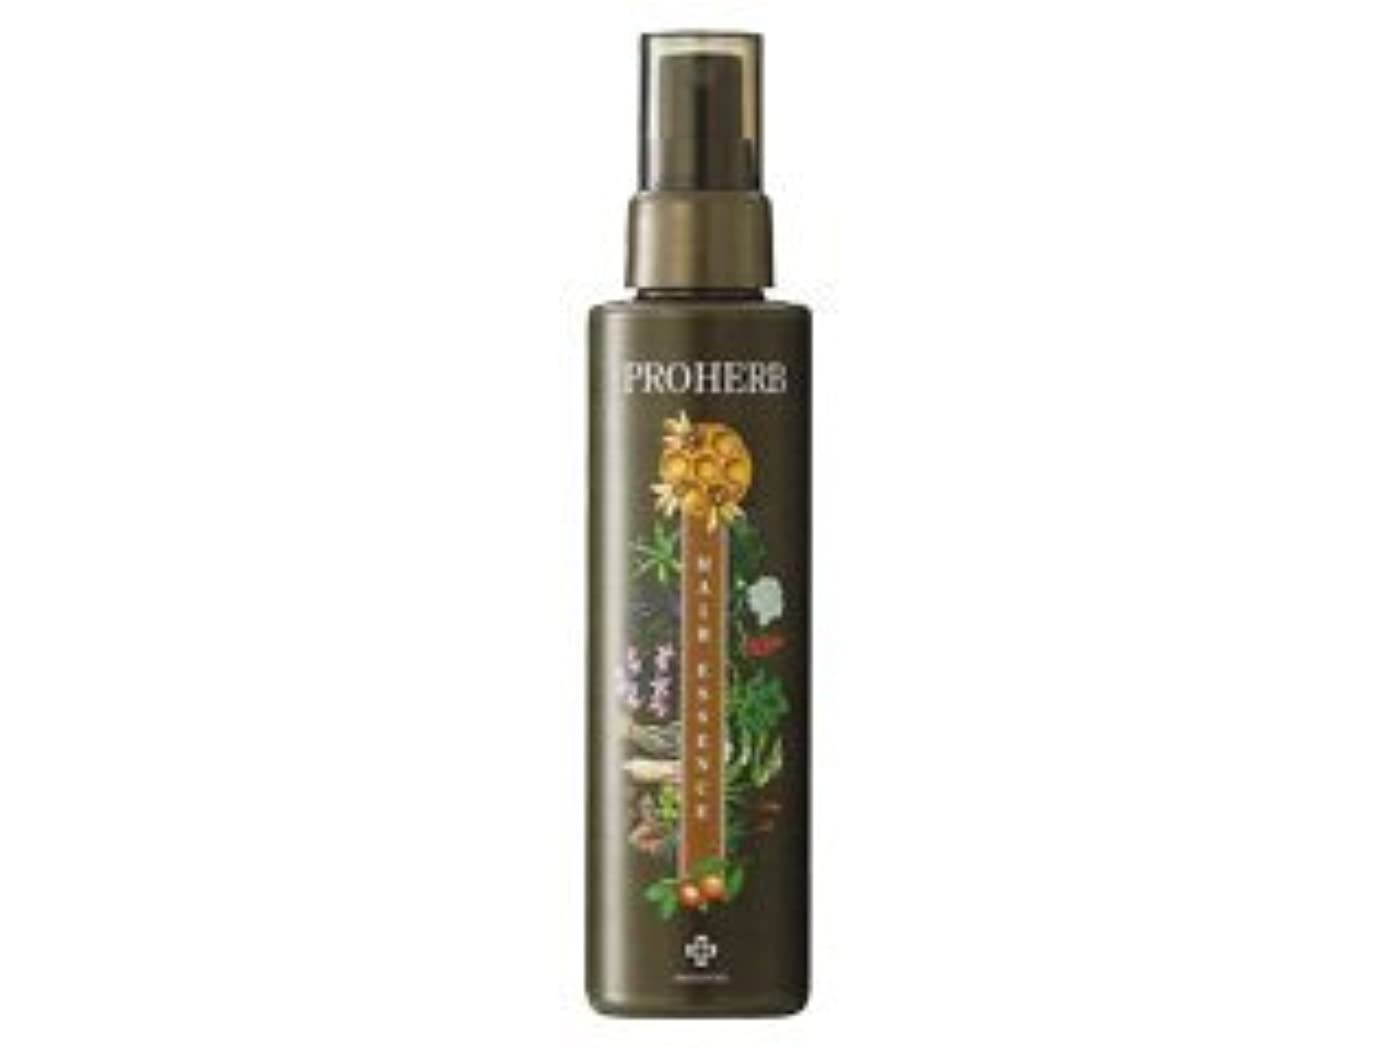 喜劇苦しめるステッチプロハーブEM薬用育毛剤 150ml ※頭皮を柔らかく整え、強くたくましい髪を育てます!